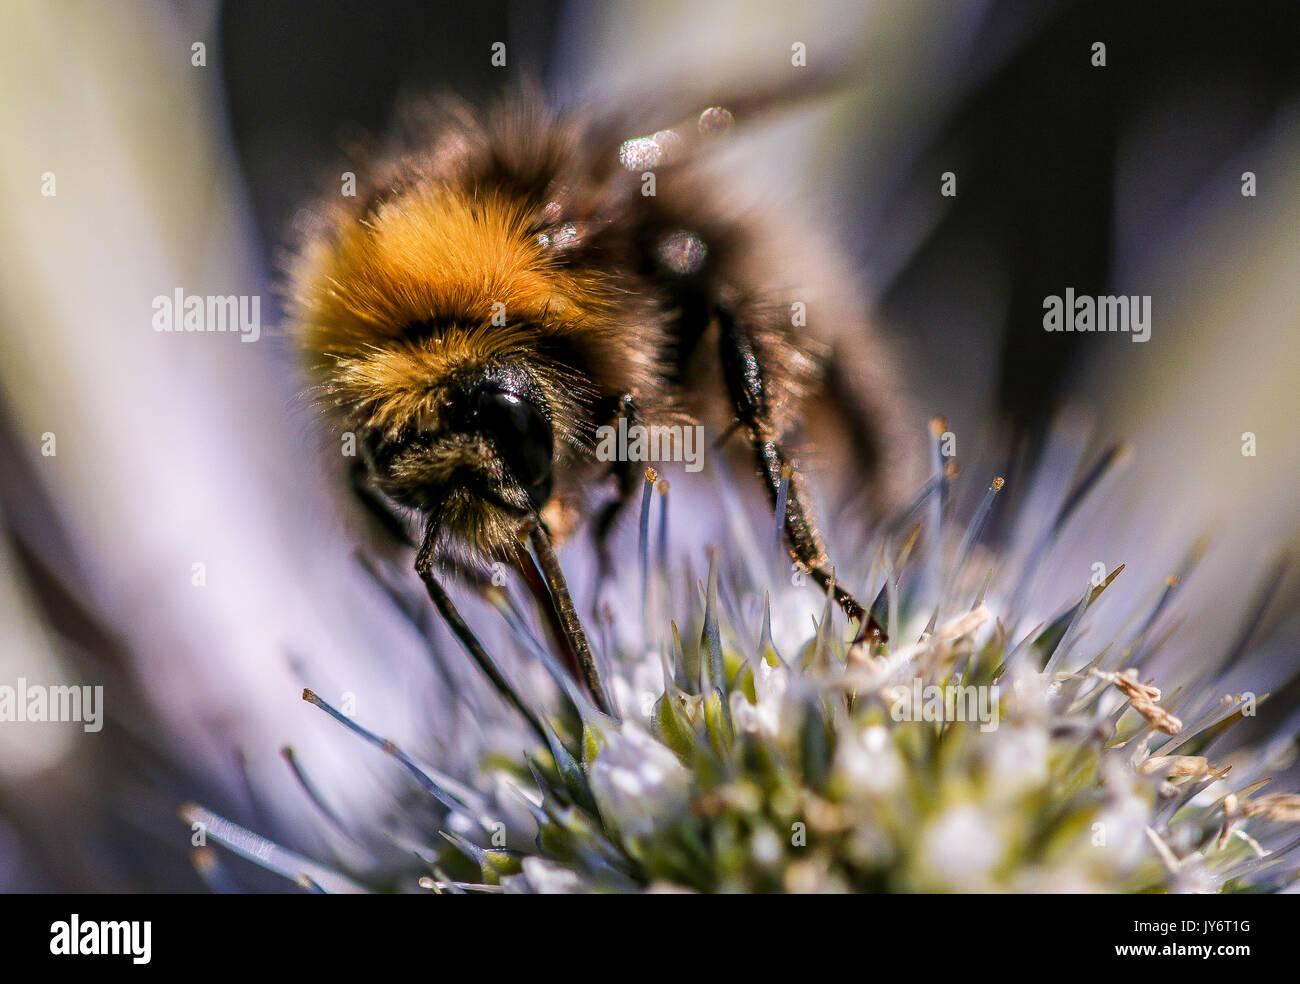 Una chiusura del miele delle api getting polline da Eryngium capolino, Shepperton, Surrey, Inghilterra U.K. Foto Stock